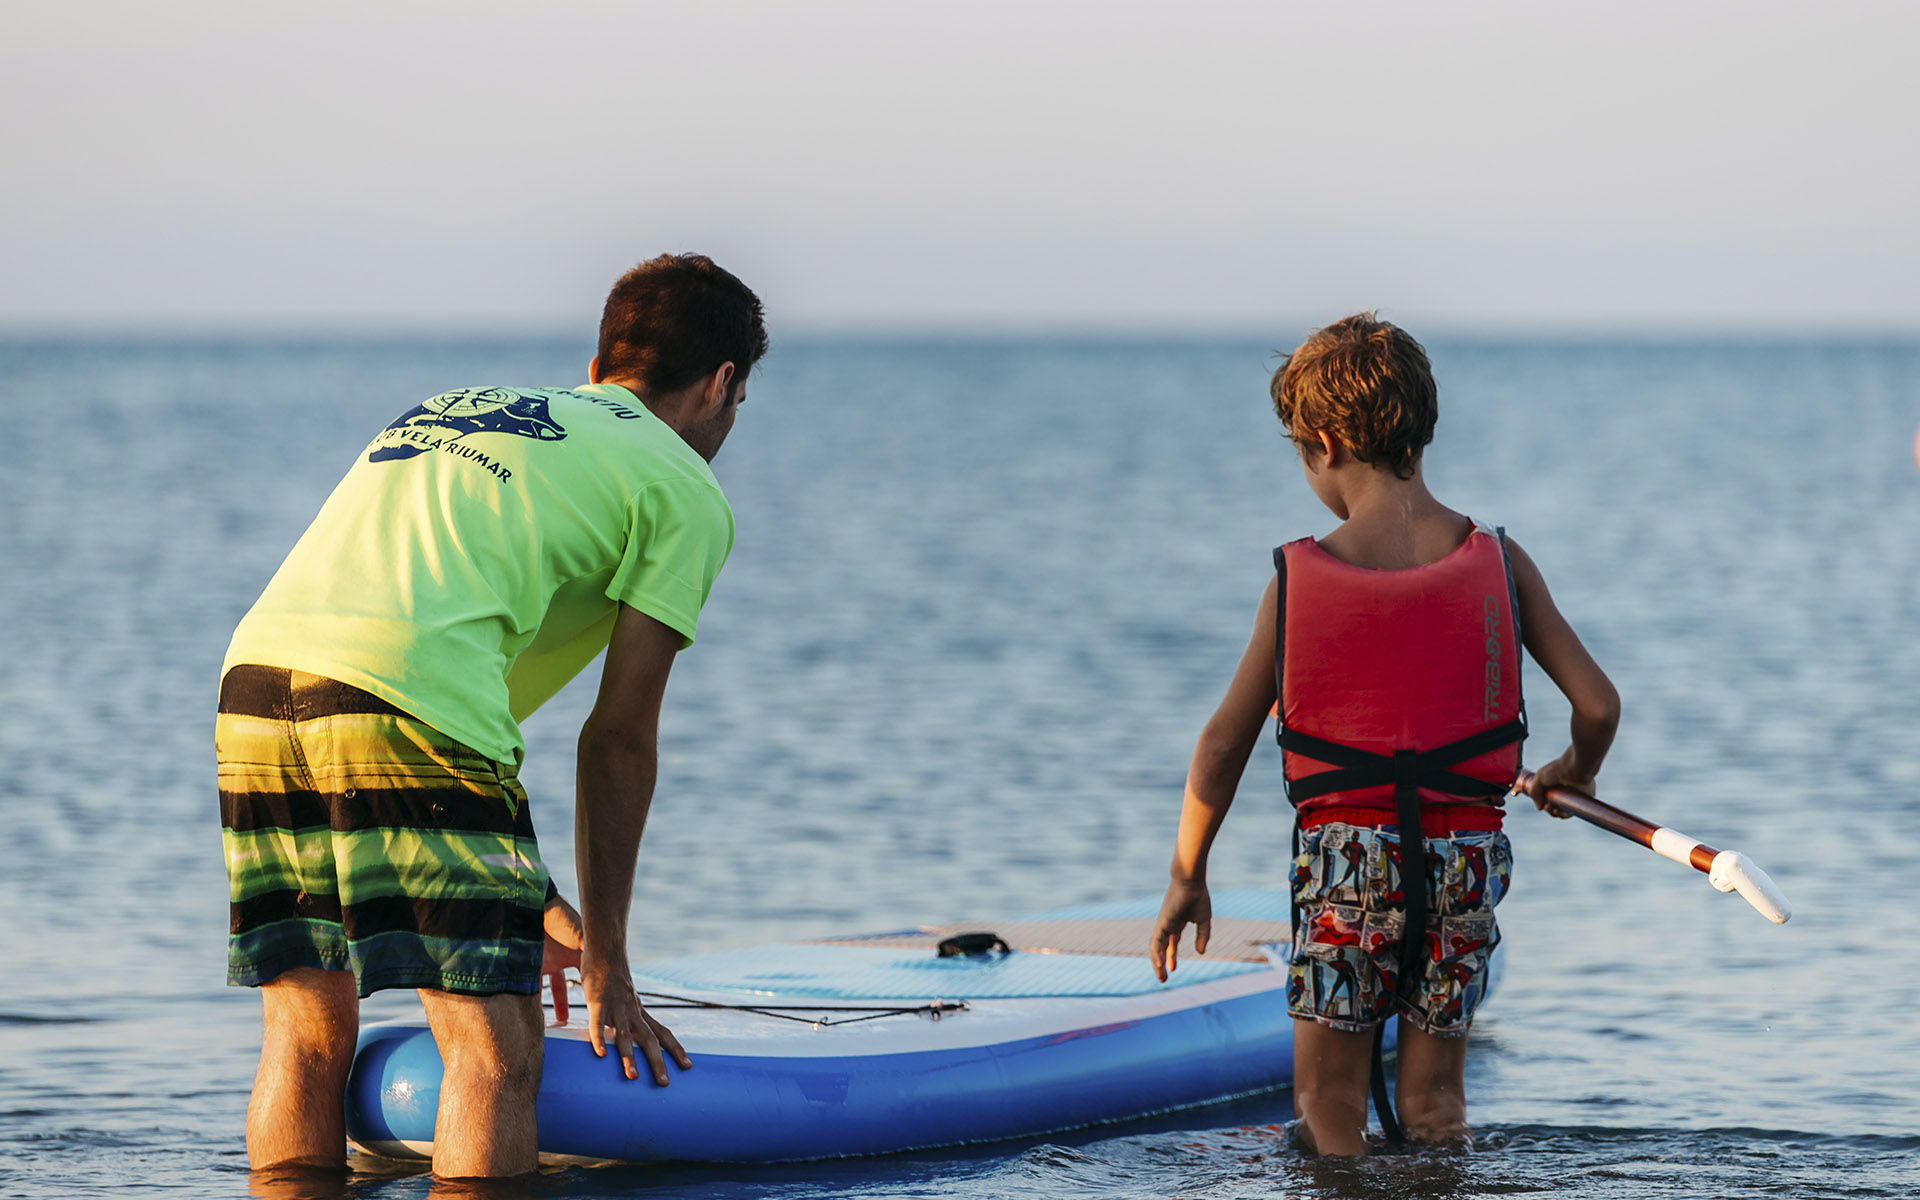 Mirar Miró, mirar el mar